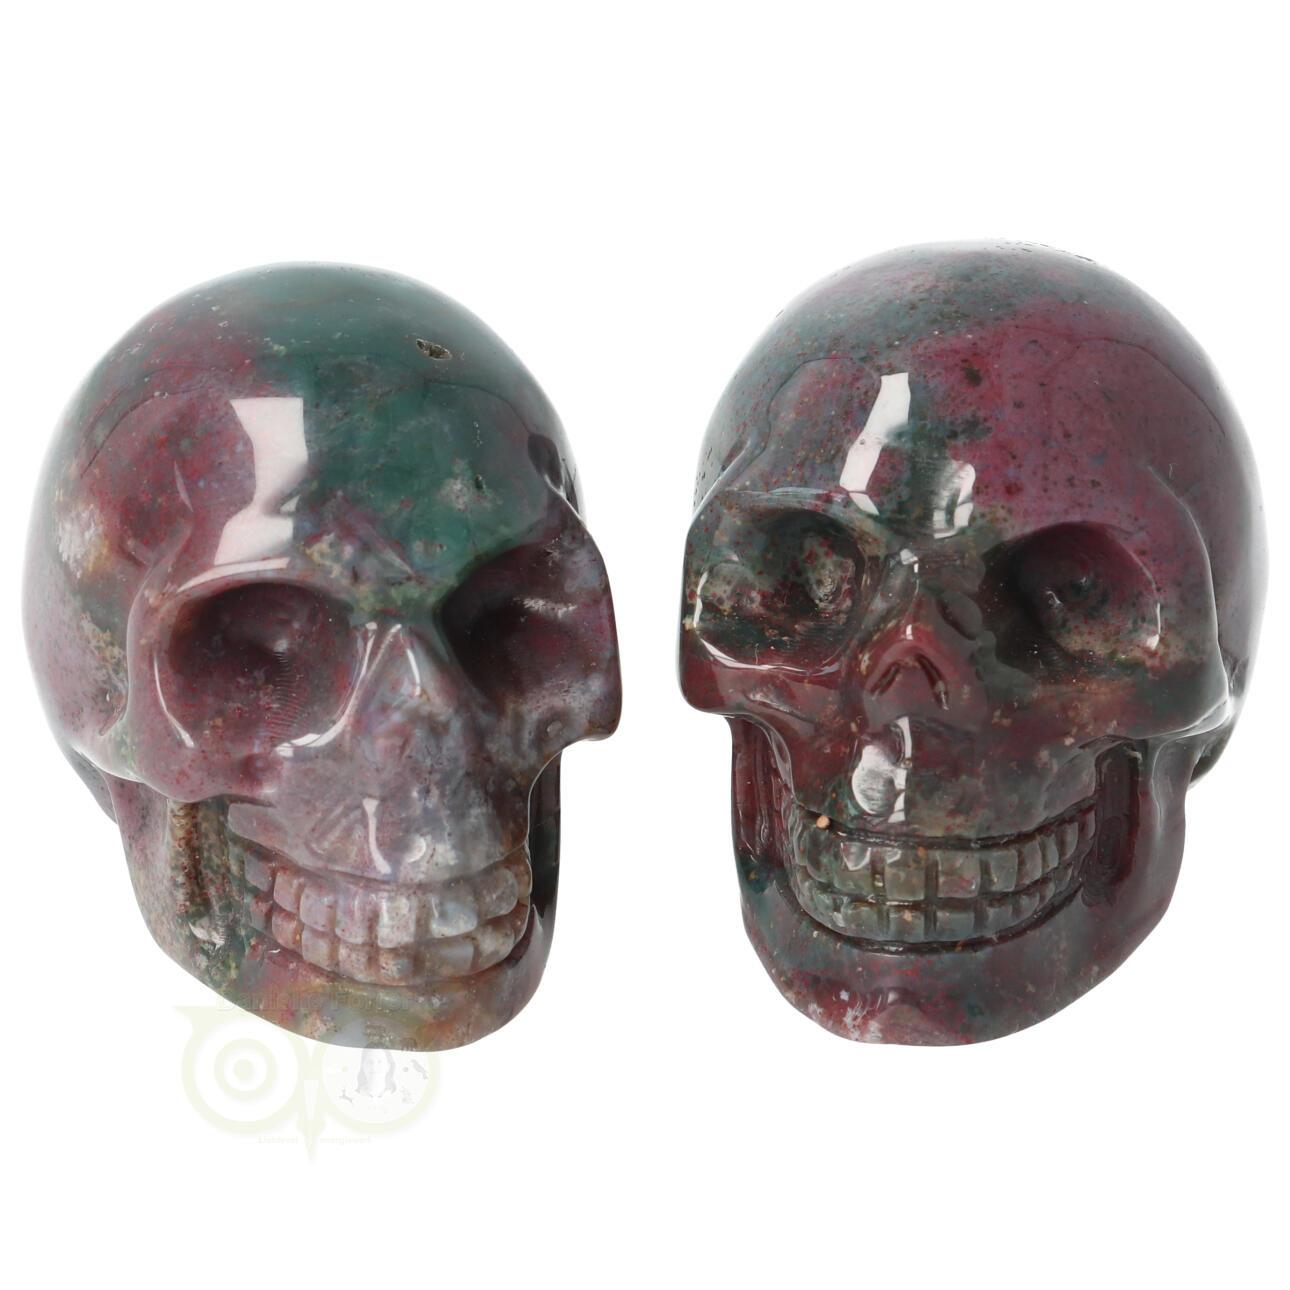 Agaat Indian schedel - Indian agaat schedel - India Agaat  | kristallen schedels kopen | Edelstenen Webwinkel - Webshop Danielle Forrer